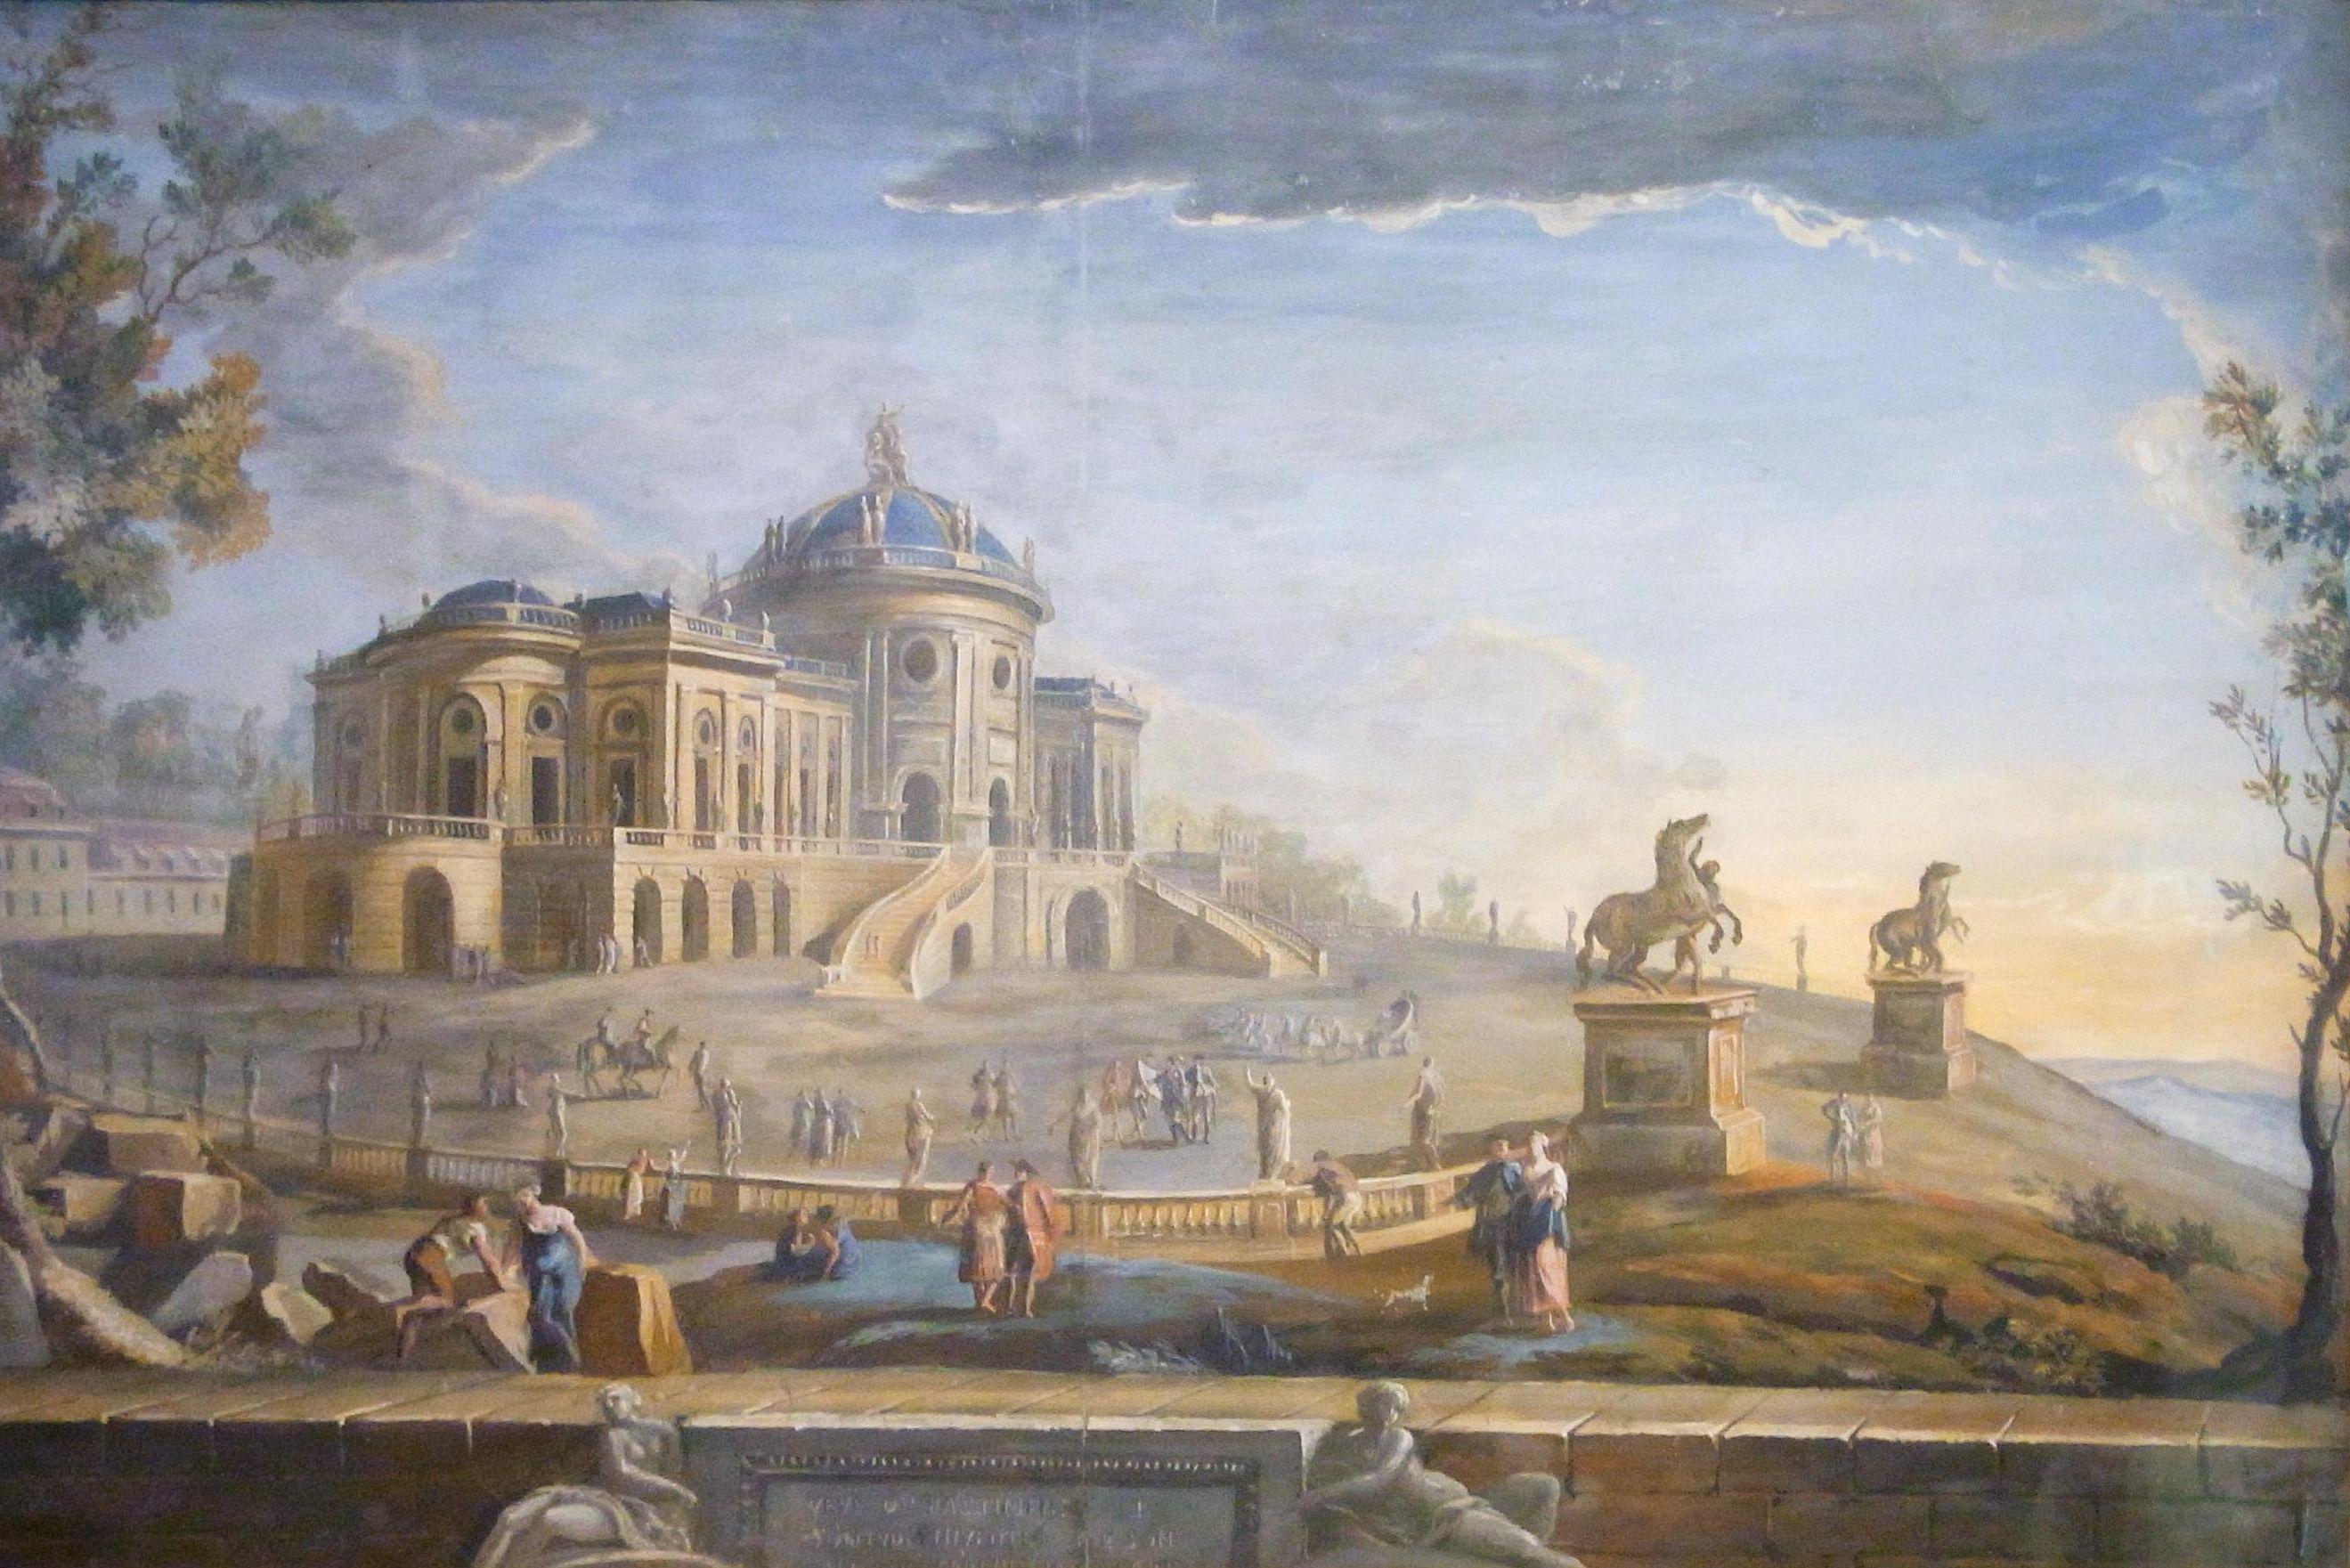 Schloss Solitude, Gemälde von Jean Adrien Claude Servadoni, um 1765